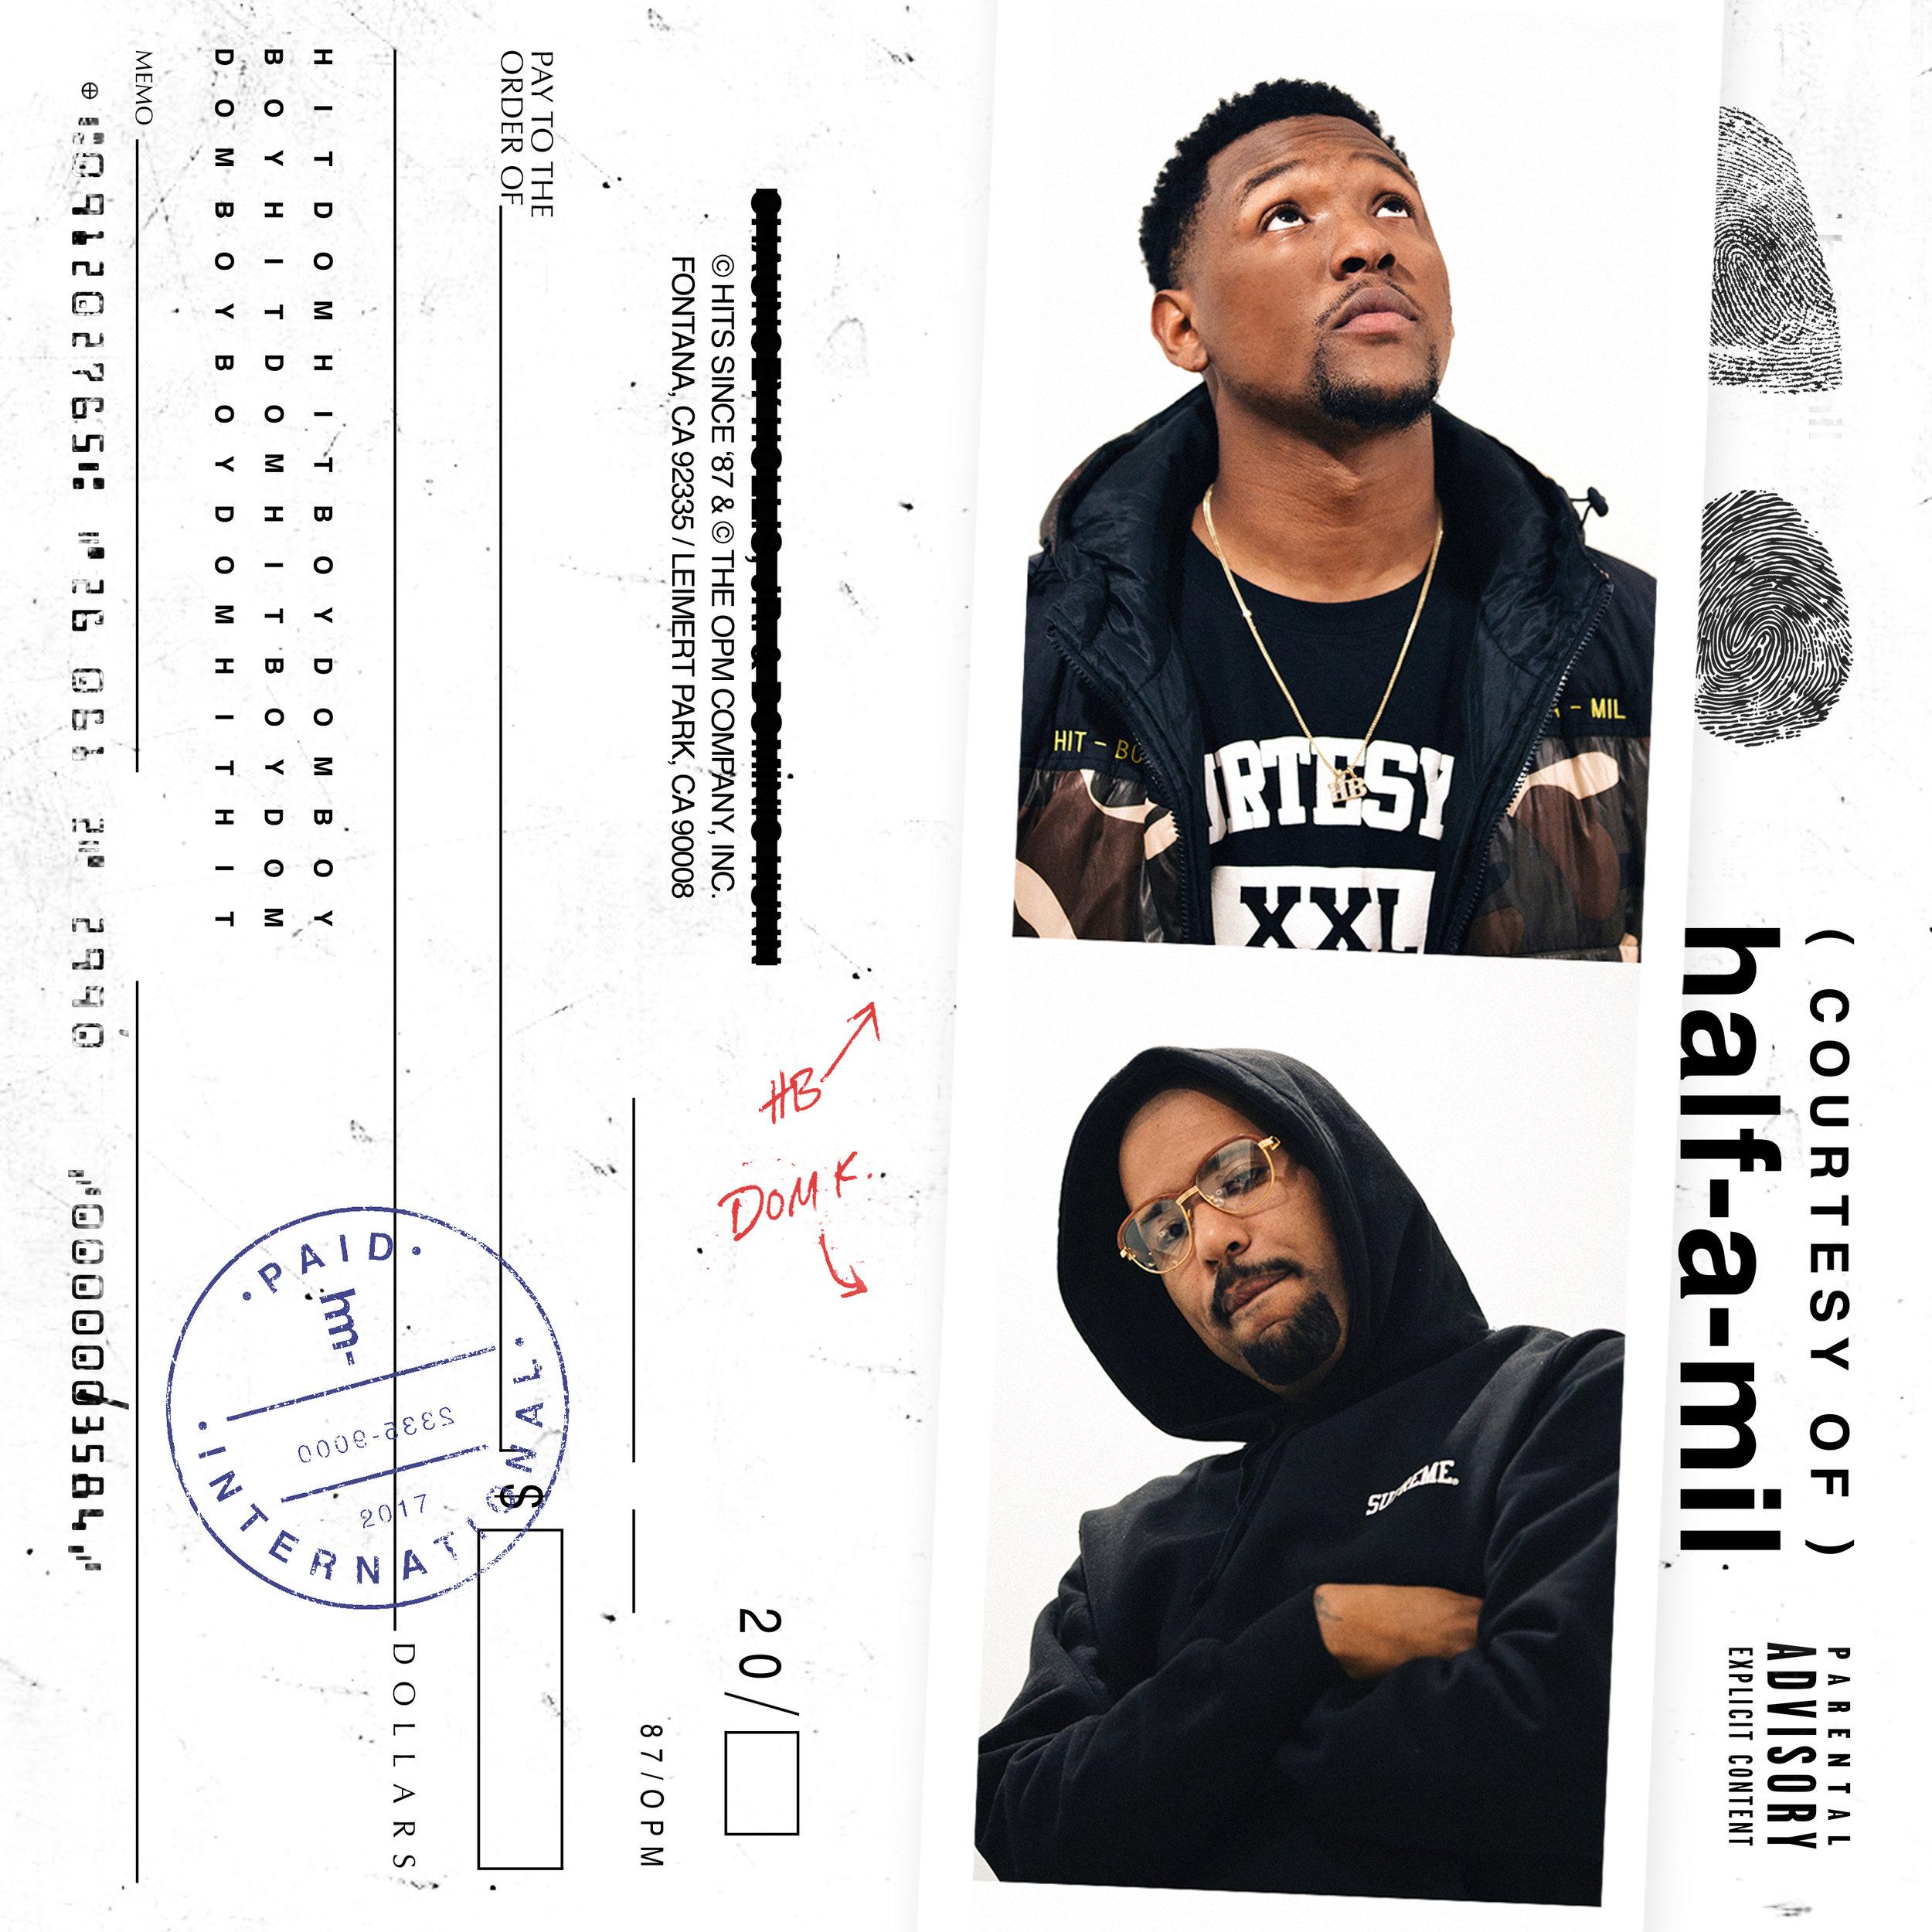 HalfAMil_AlbumDesign-WHITEVERSION-front (1).jpg